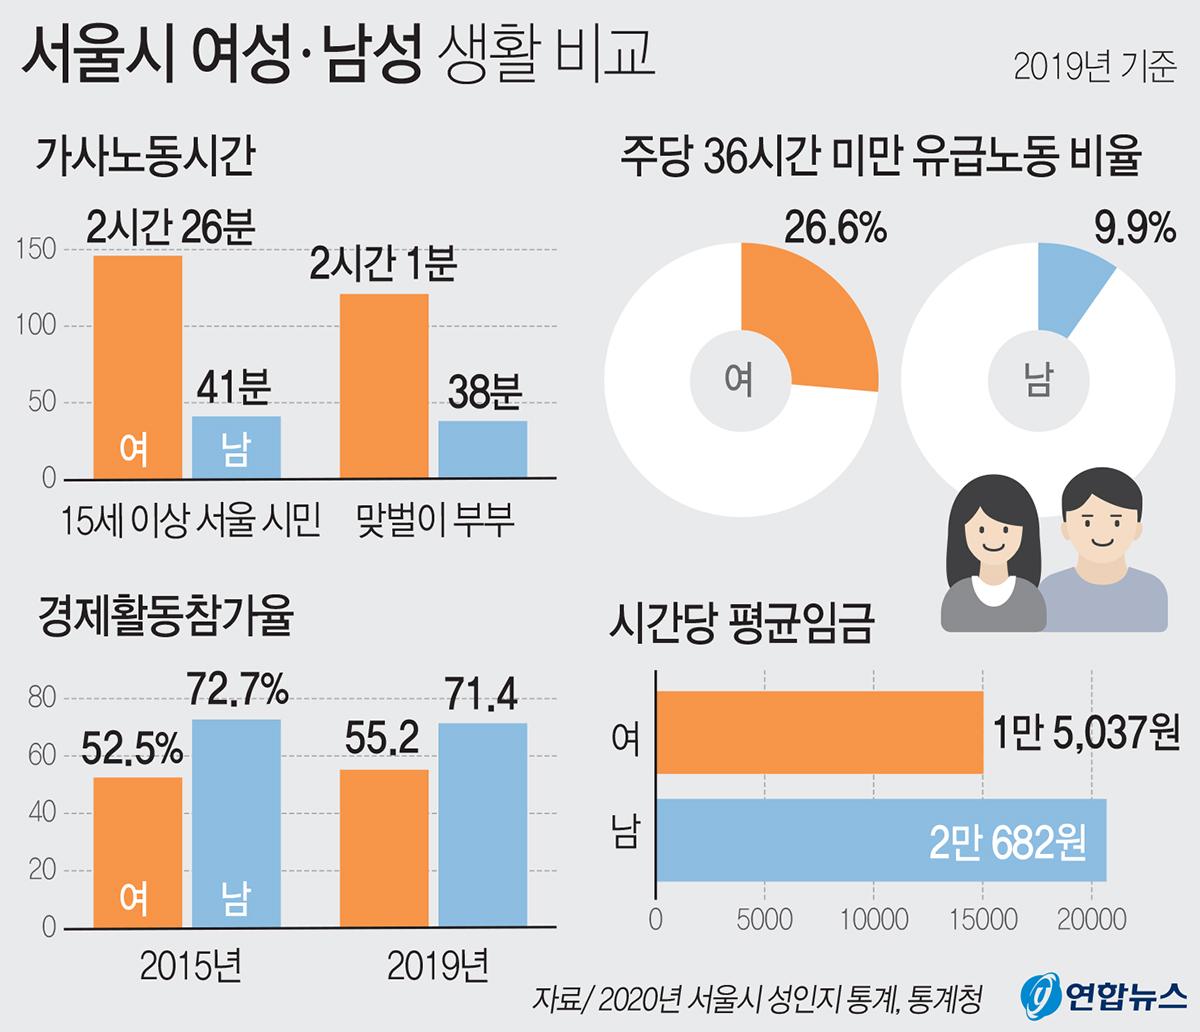 서울에 사는 여성들의 가사노동시간이 남성보다 3배 이상 긴 것으로 나타났다고 서울시가 19일 밝혔다. 연합뉴스